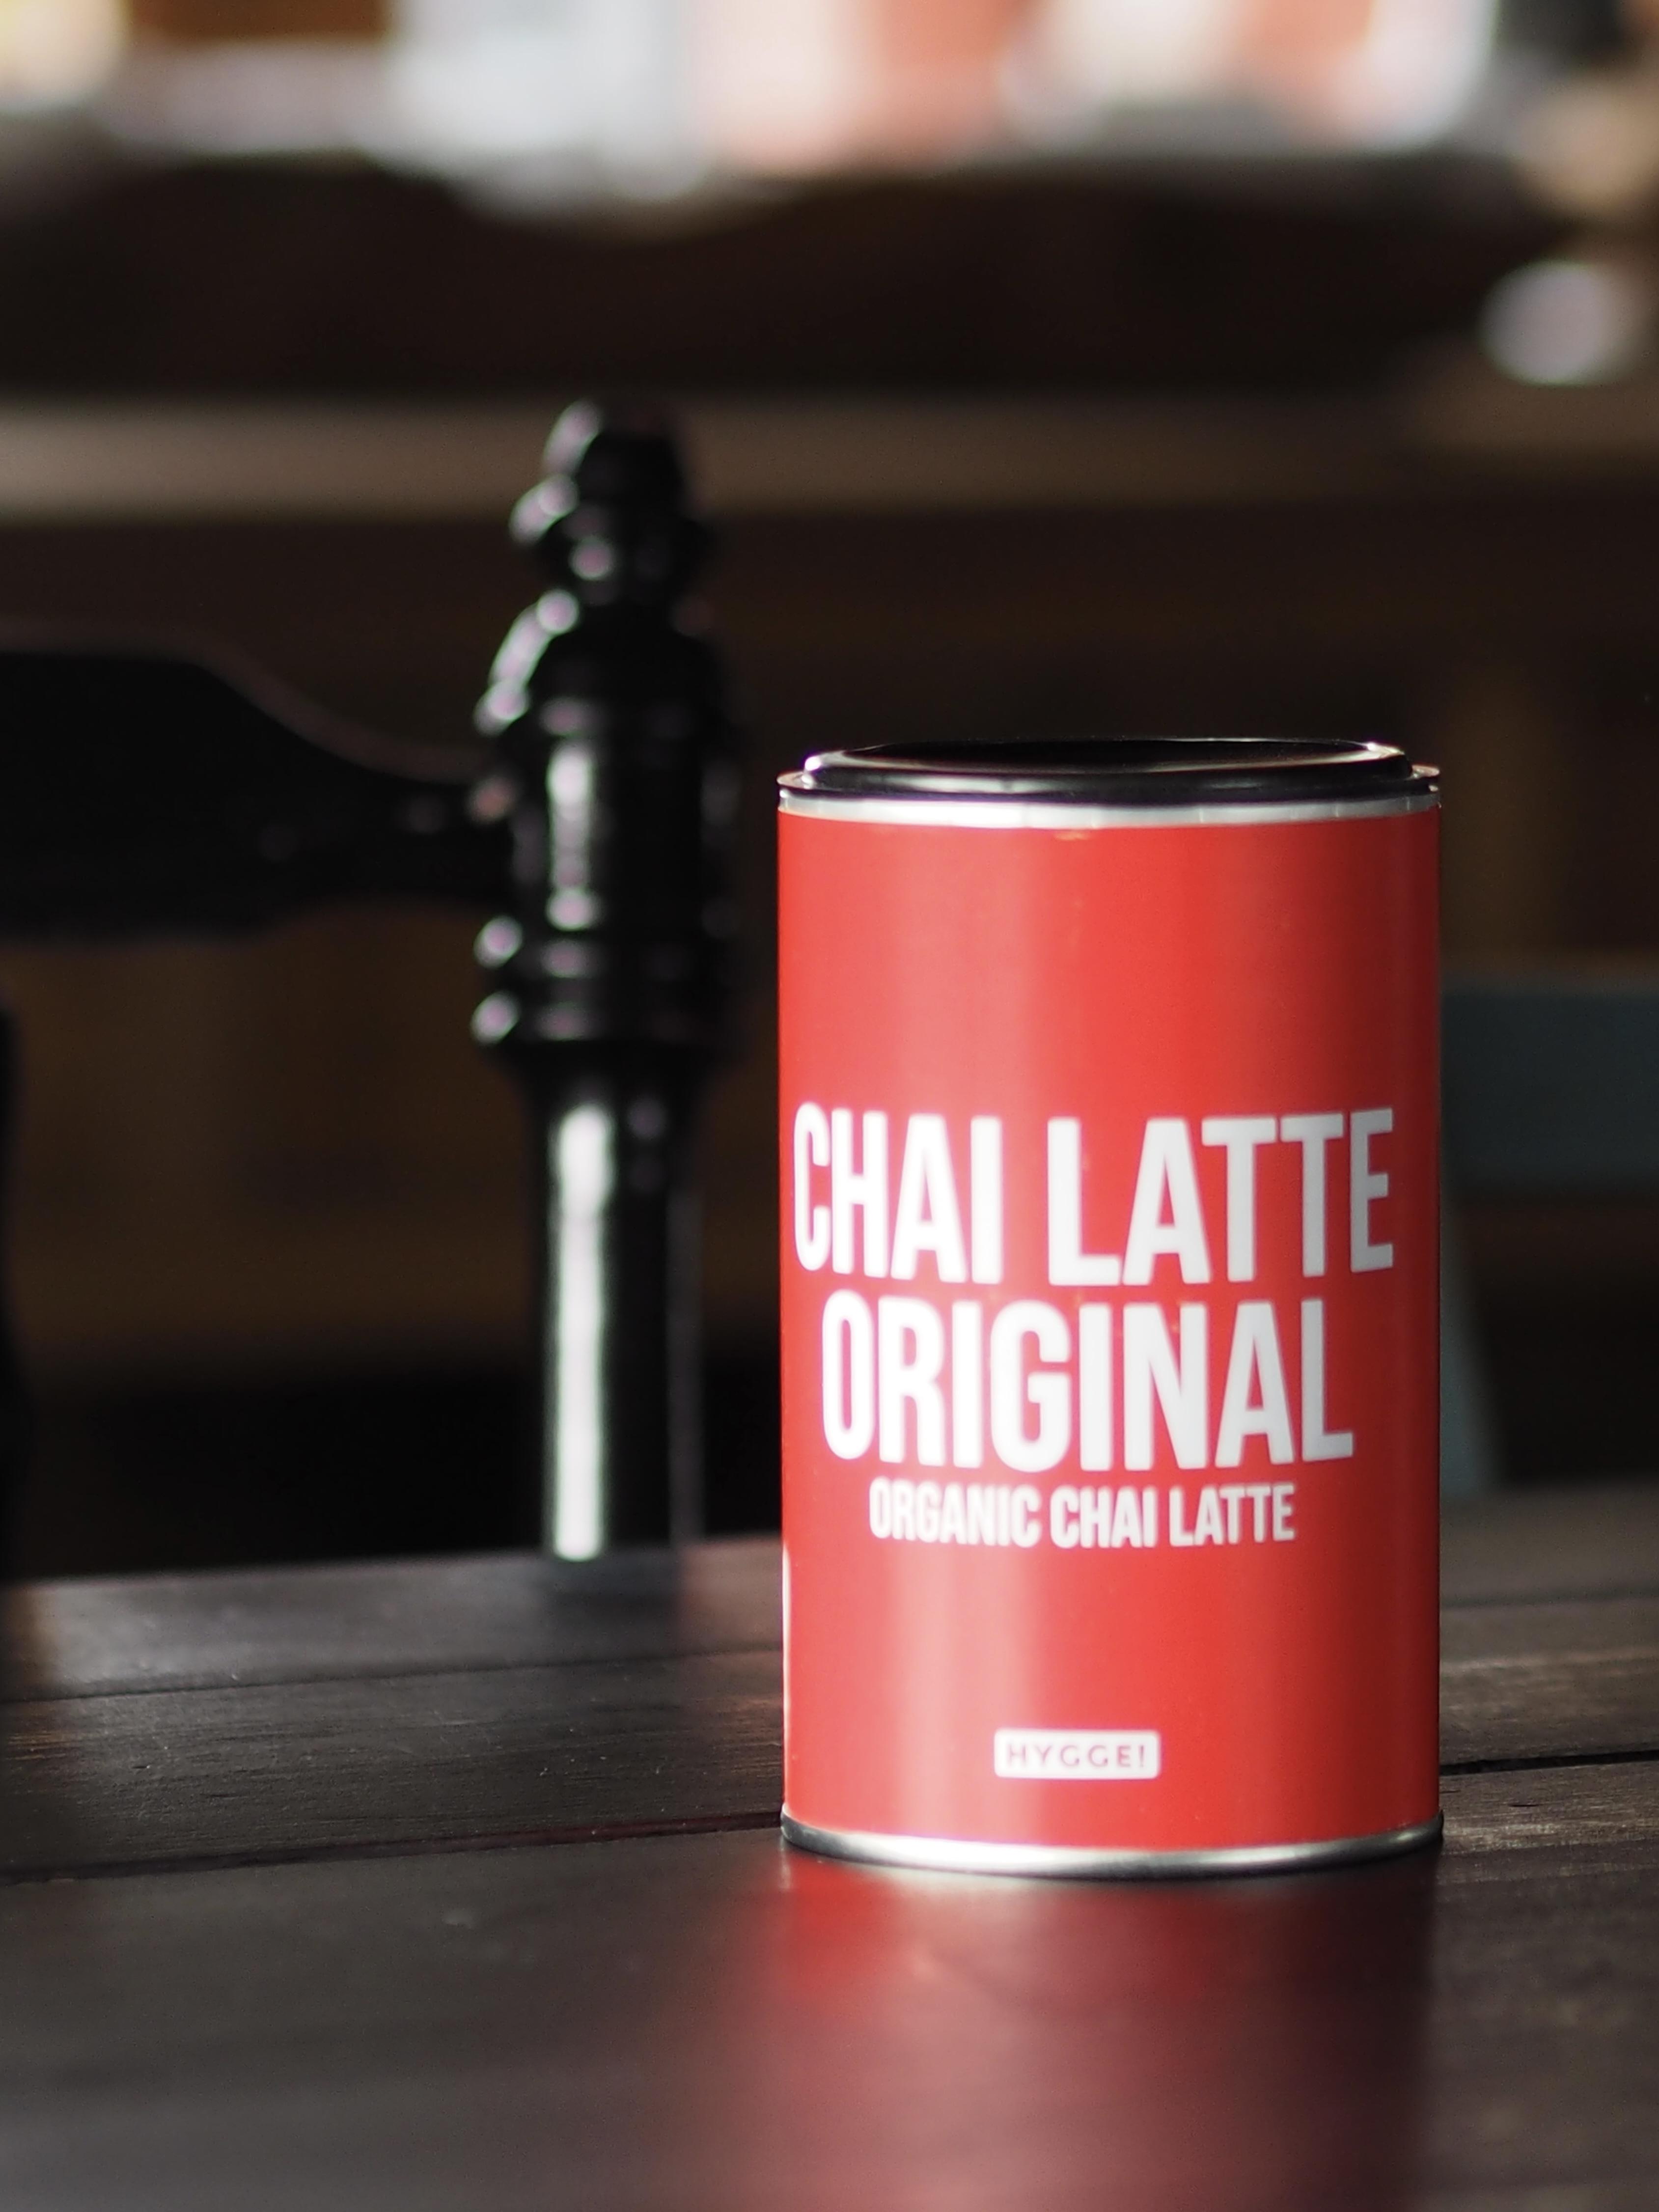 Chai Latte Original, HYGGE!